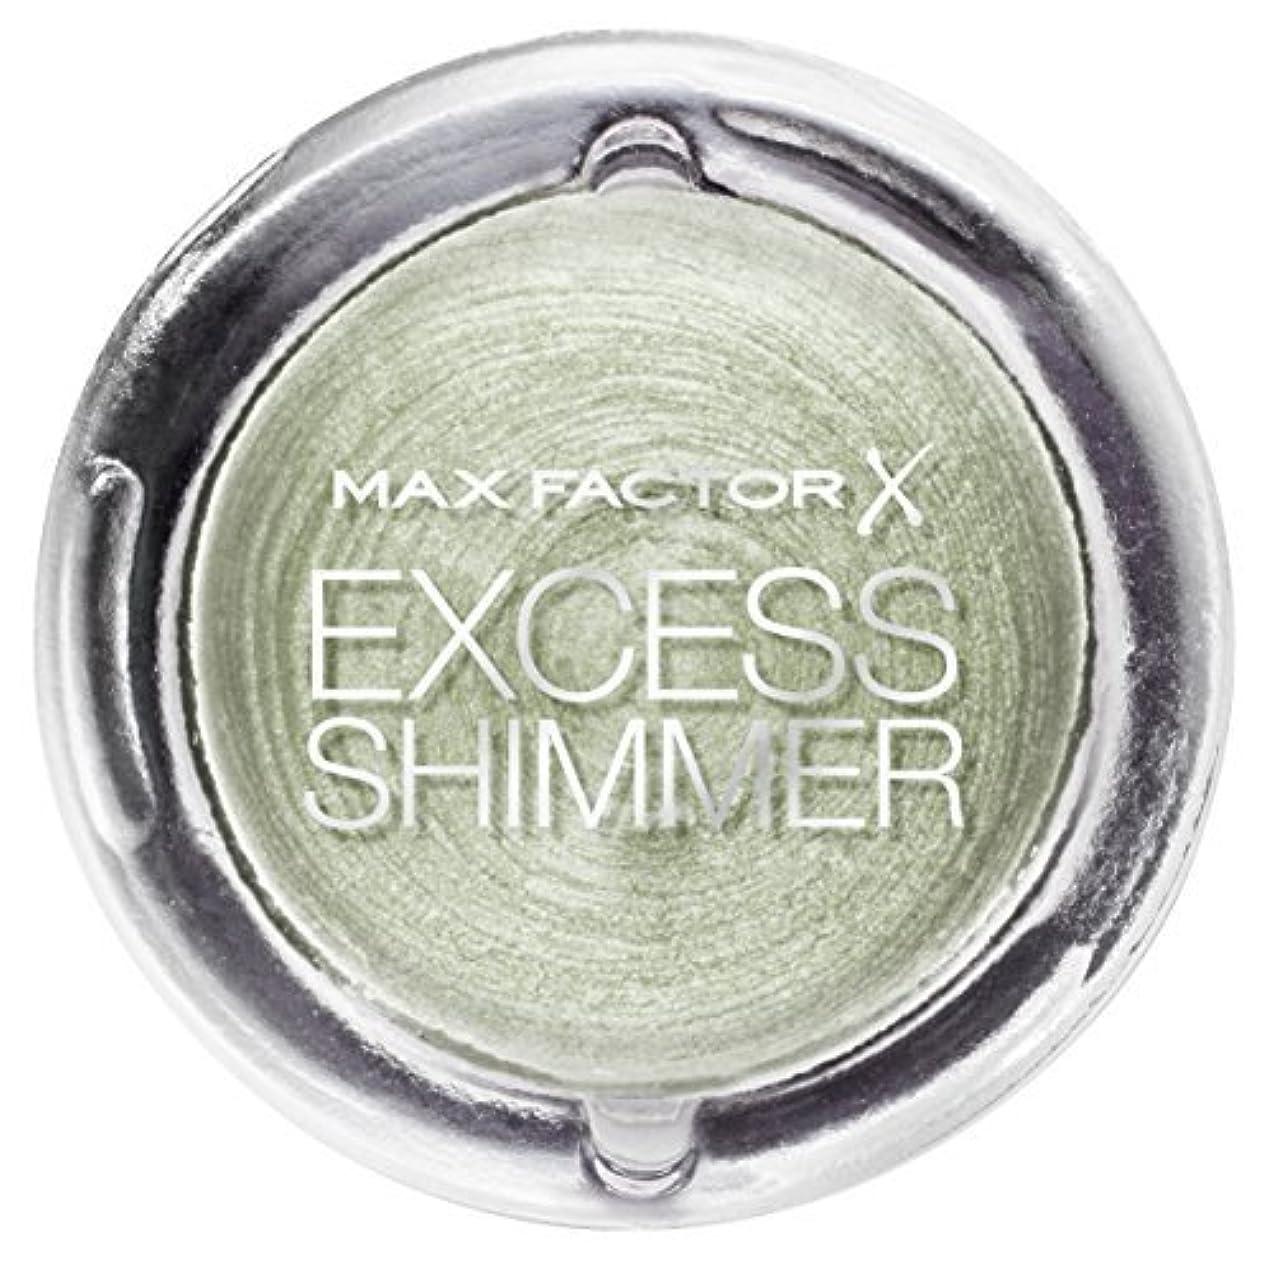 差別変換する六分儀Max Factor Excess Shimmer Eyeshadow in Pearl by Max Factor